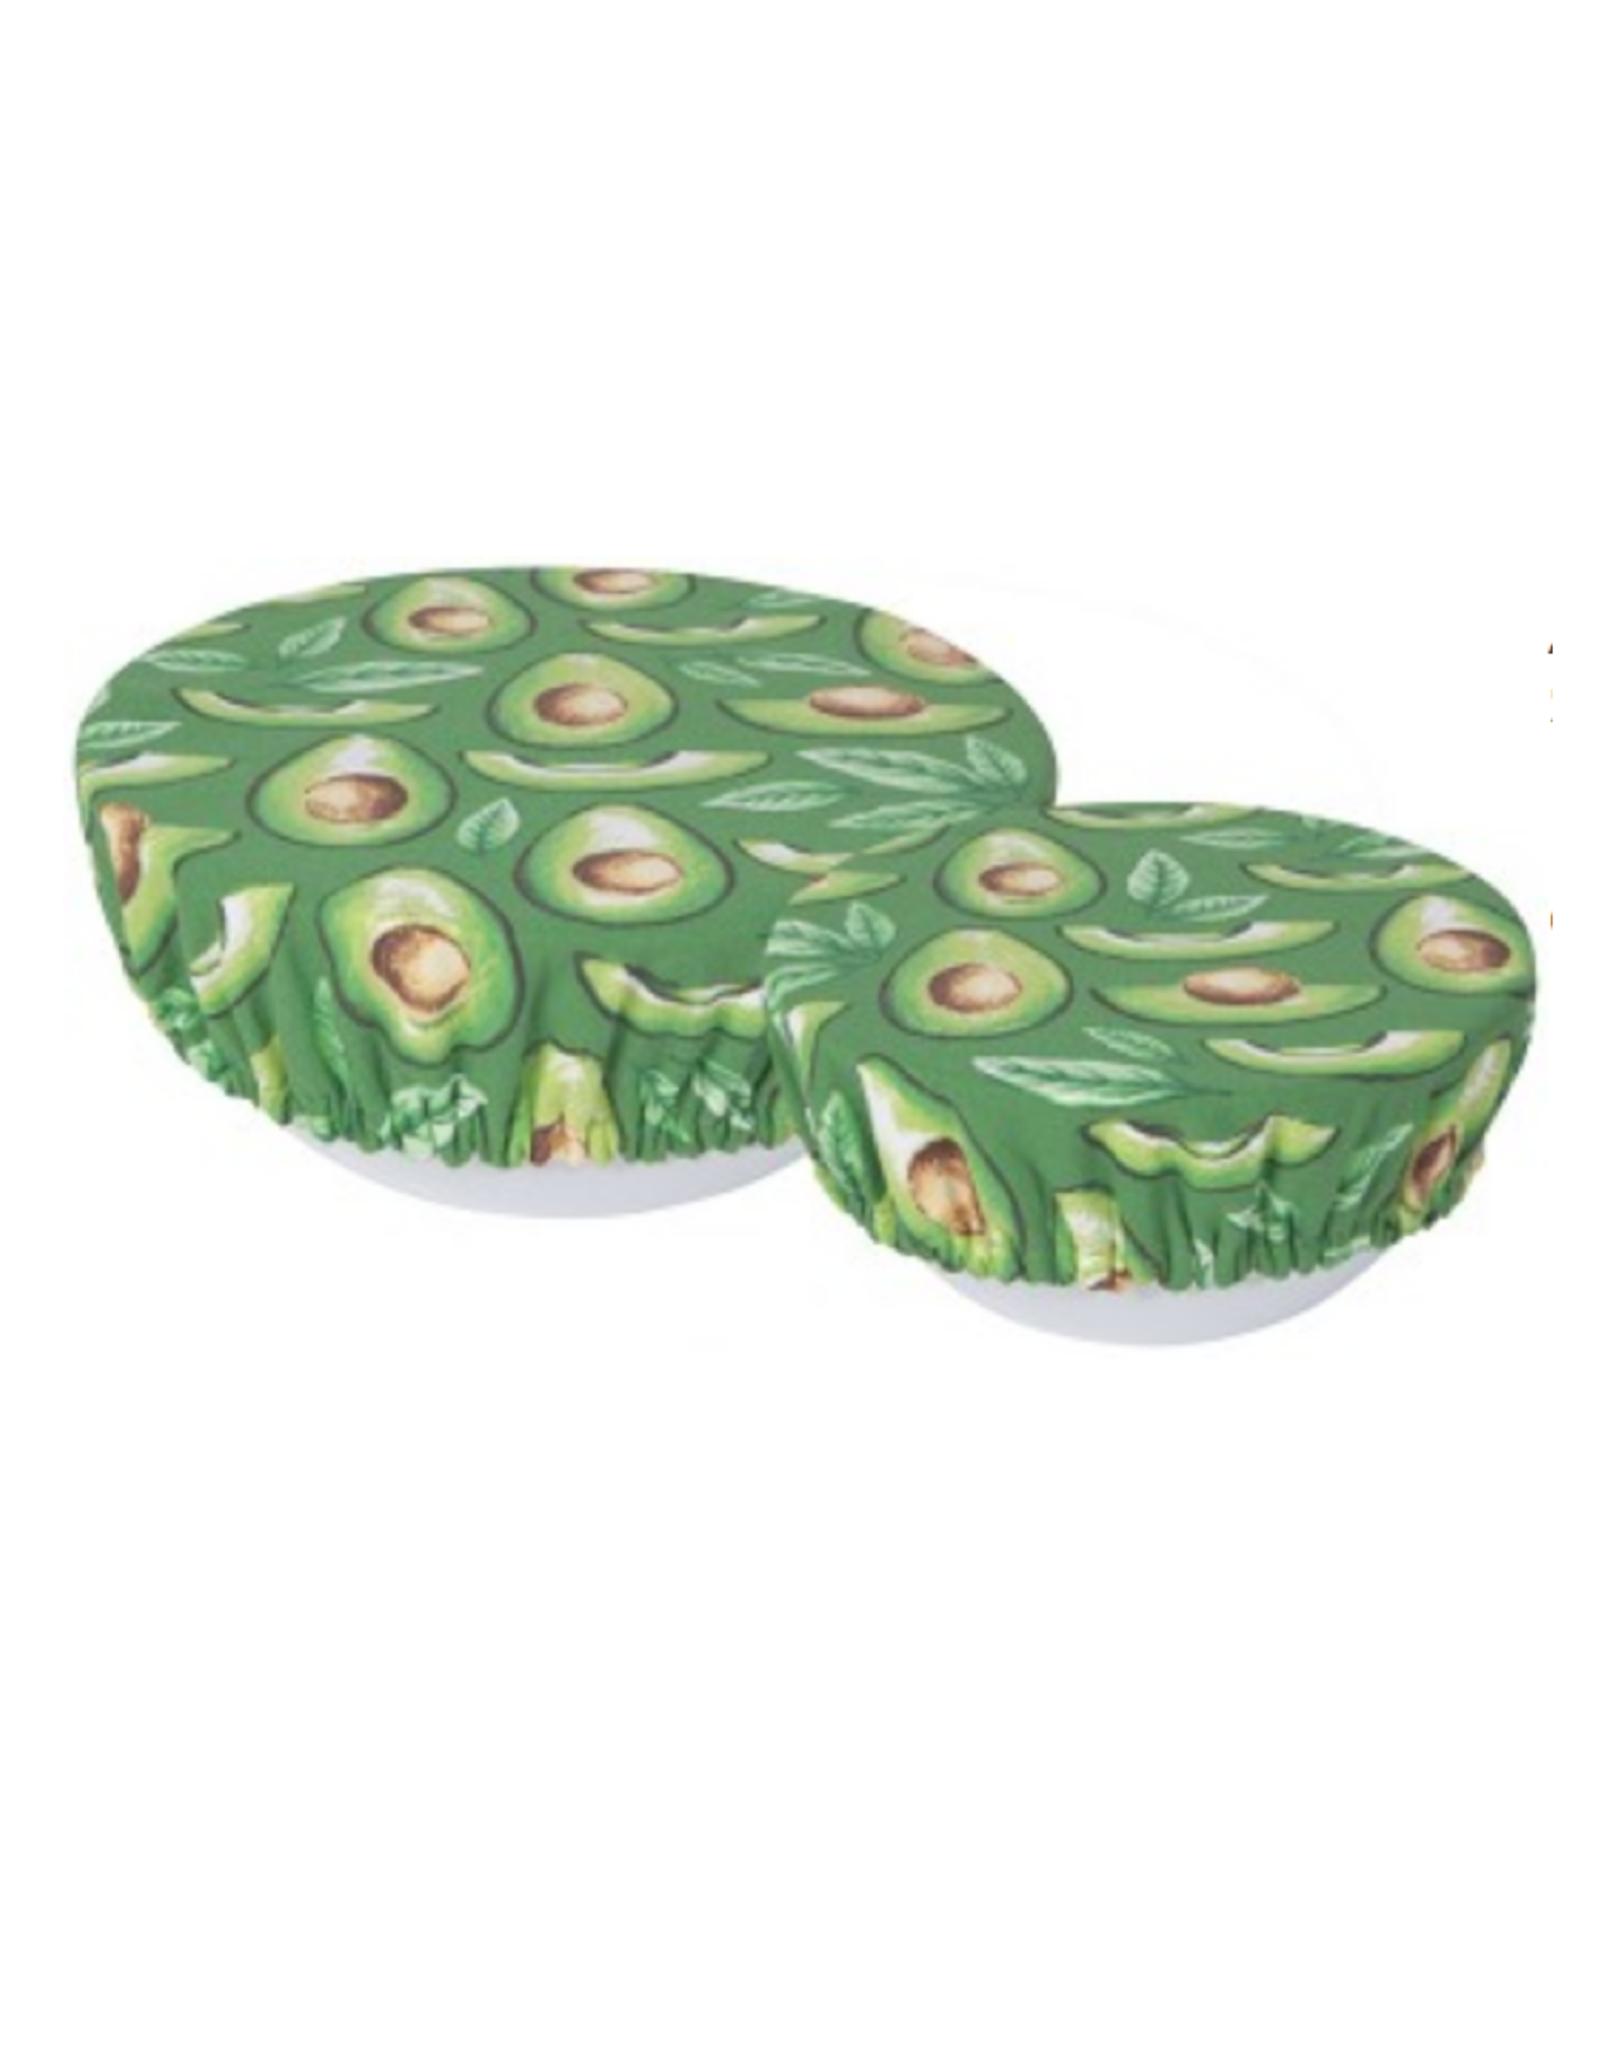 DCA - Bowl Cover/Set 2, Avocado